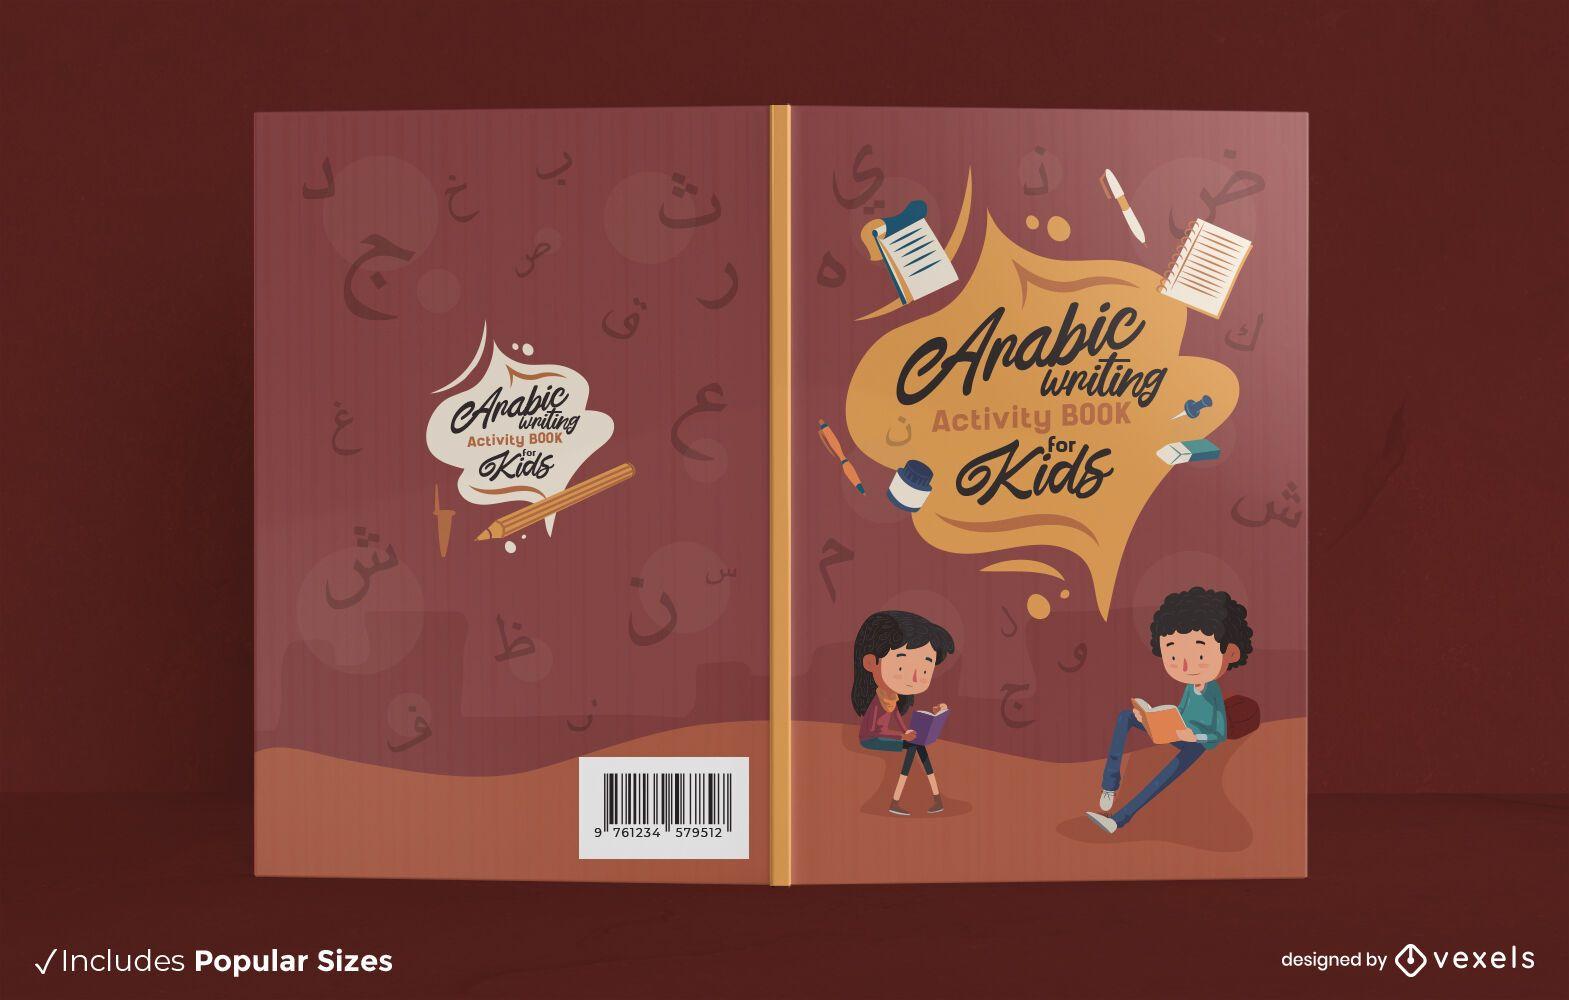 Arabic activity book cover design